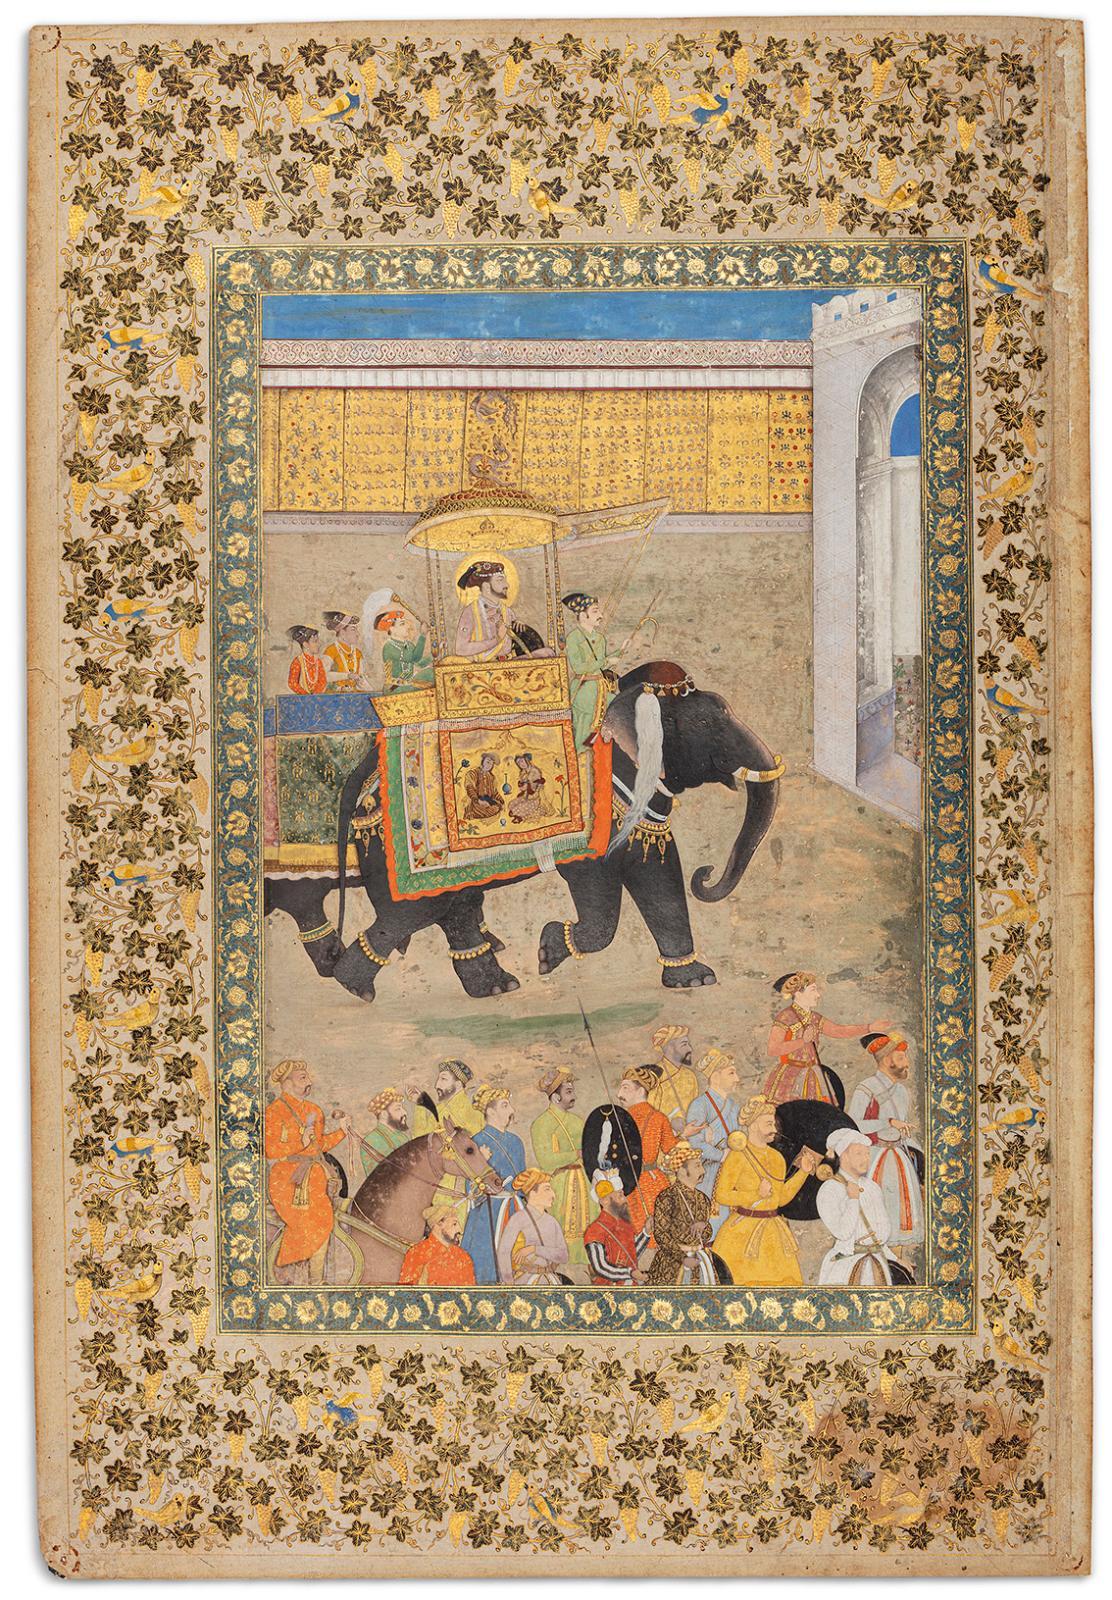 Inde, art moghol, 1630-1631, Illustration de la vie de shâh Jahân entrant dans son palais de Burhanpur, probablement destinée au Windsor P